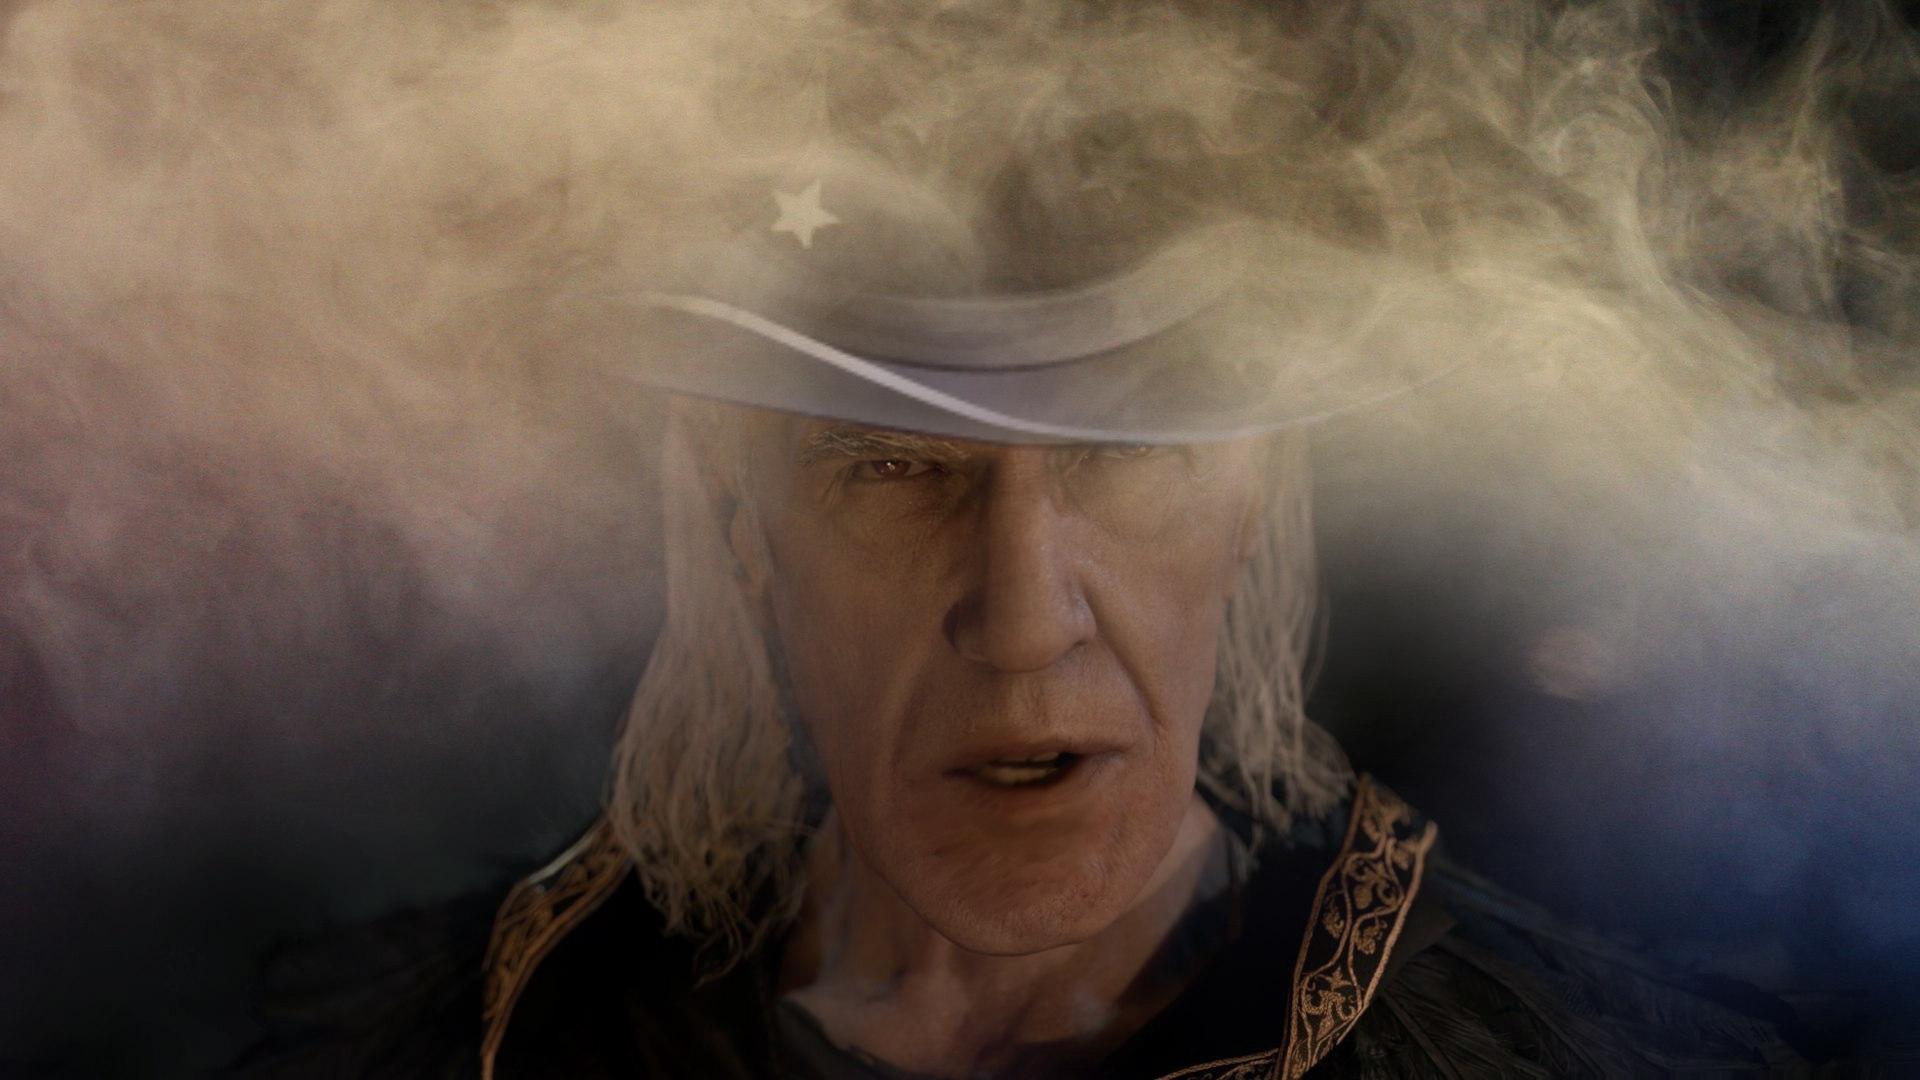 волшебник мерлин. портал в другой мир